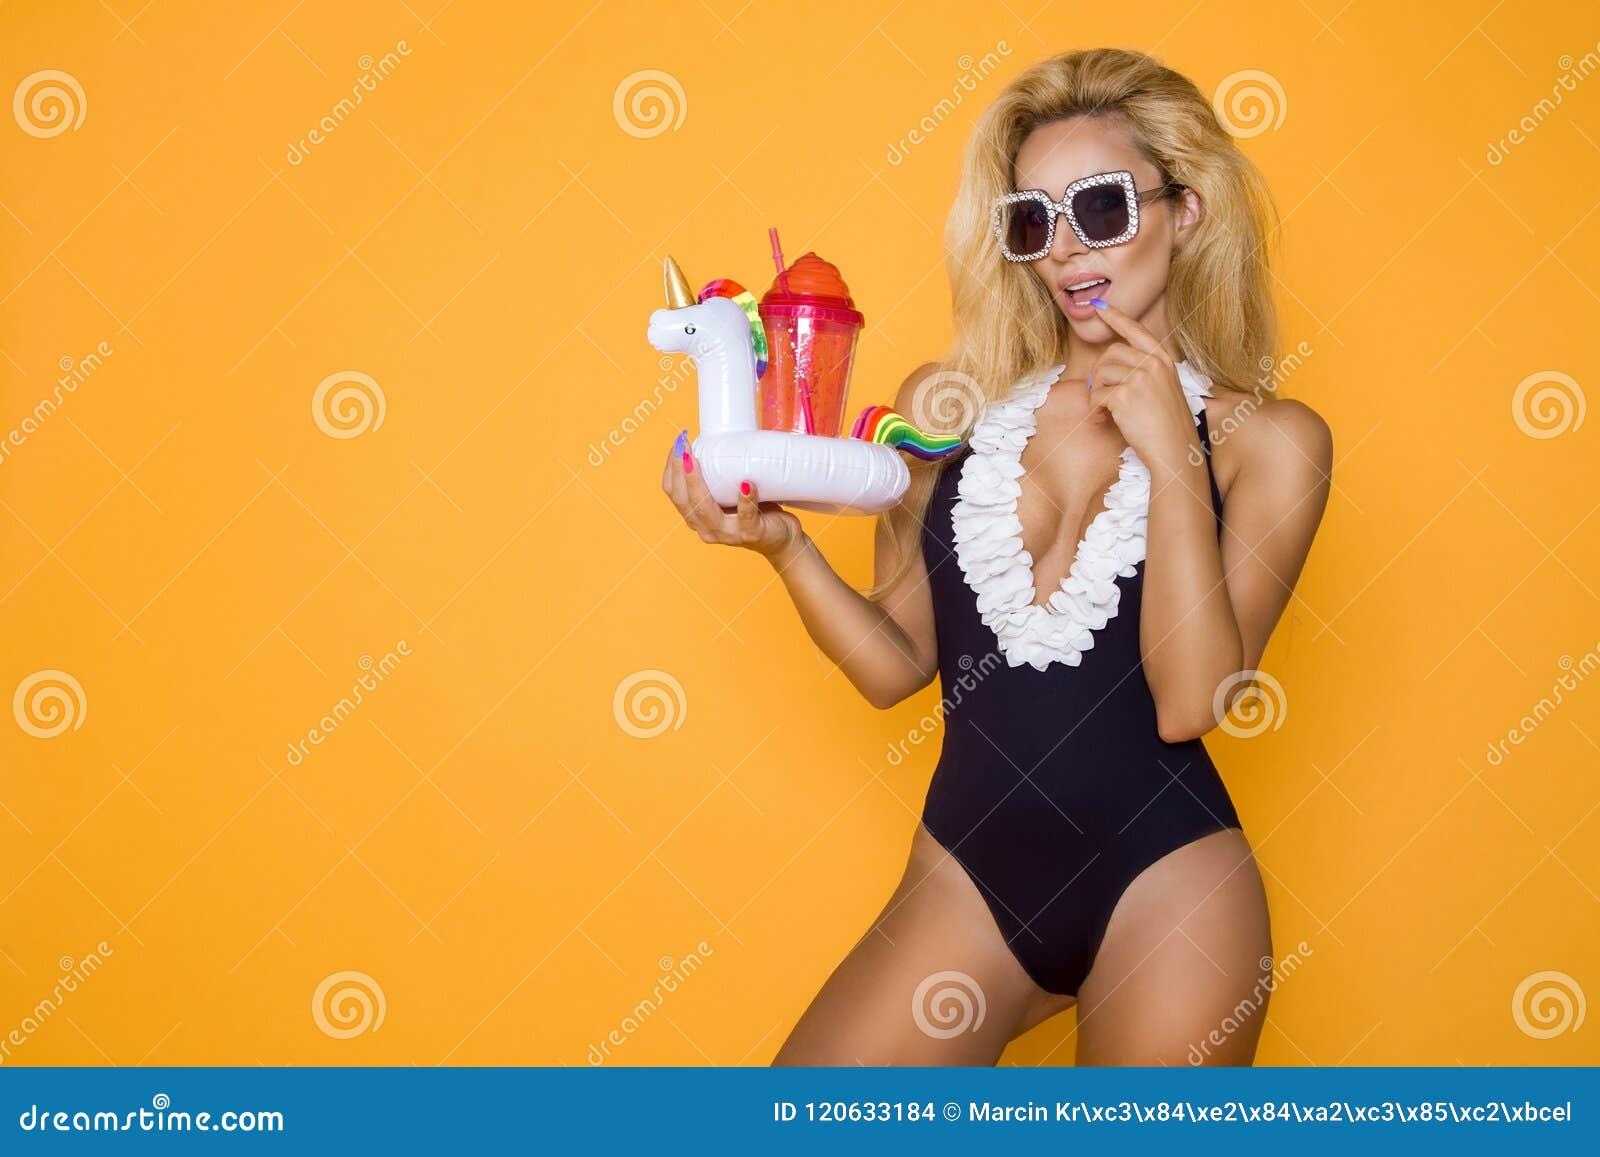 Bello modello in bikini ed occhiali da sole, tenendo una bevanda e un unicorno gonfiabile